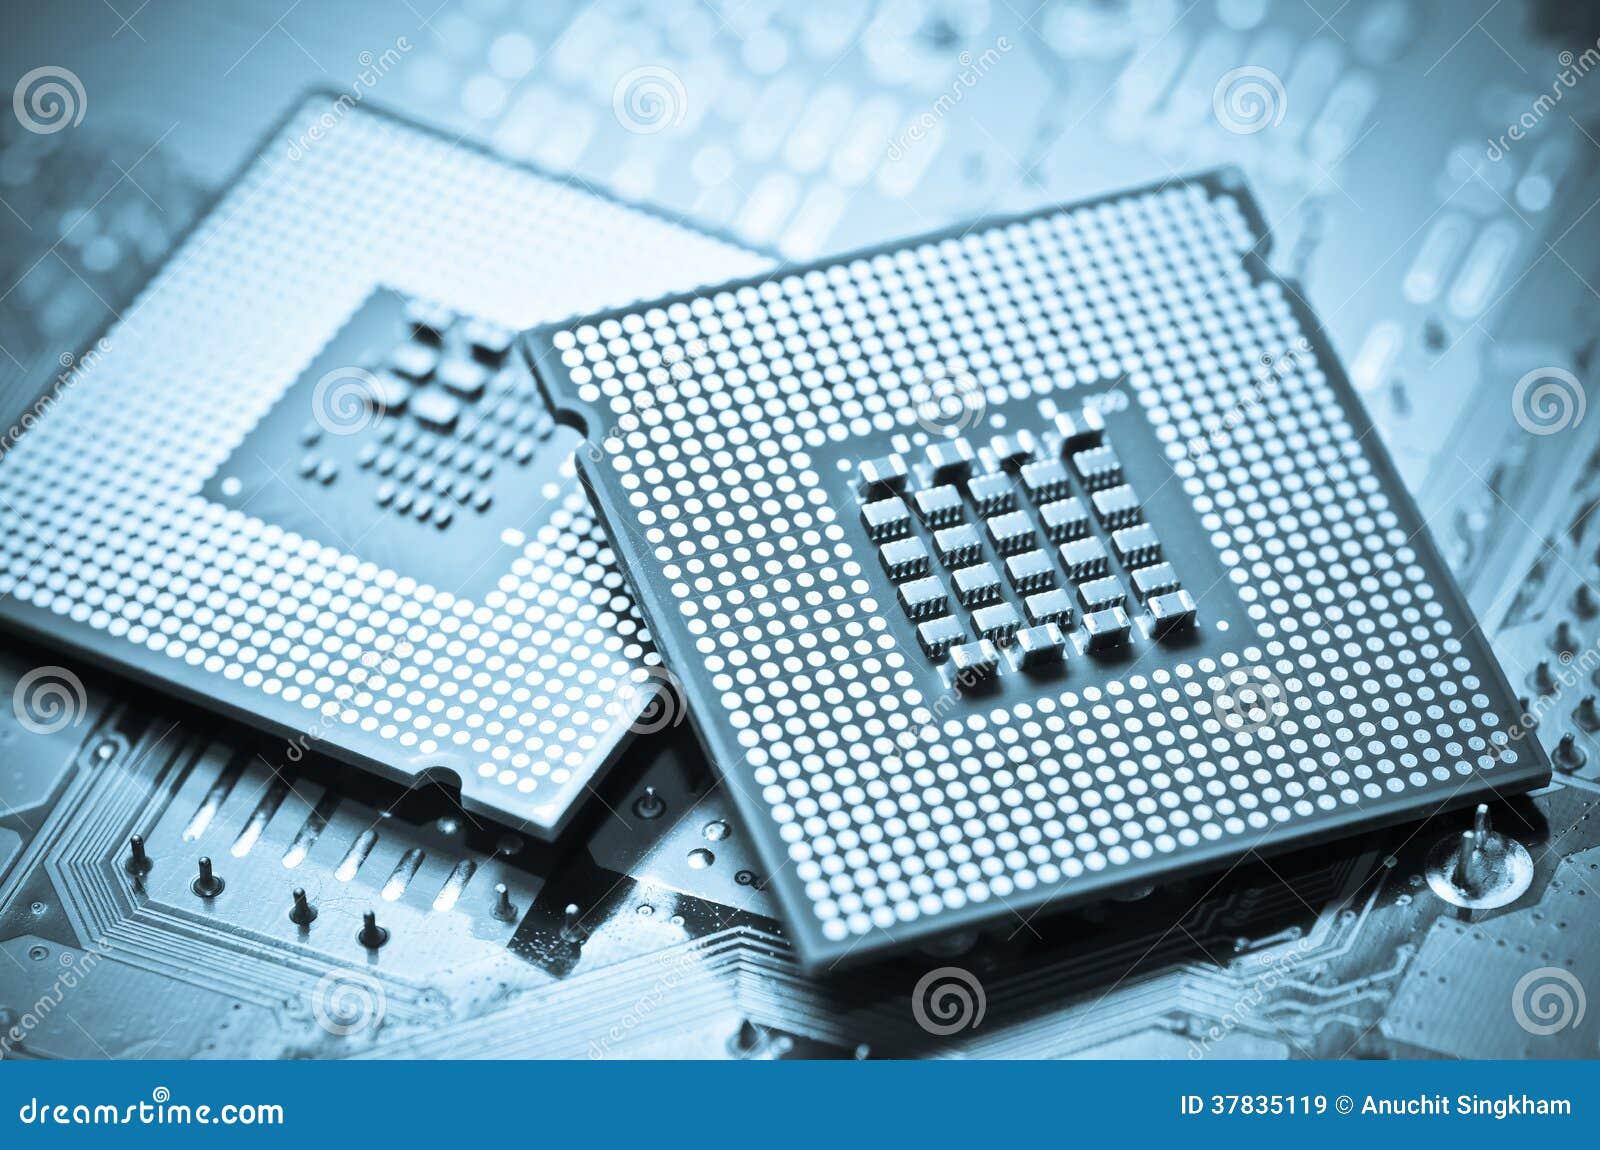 高性能計算機與多cpu_cpu性能排行_cpu性能天梯圖